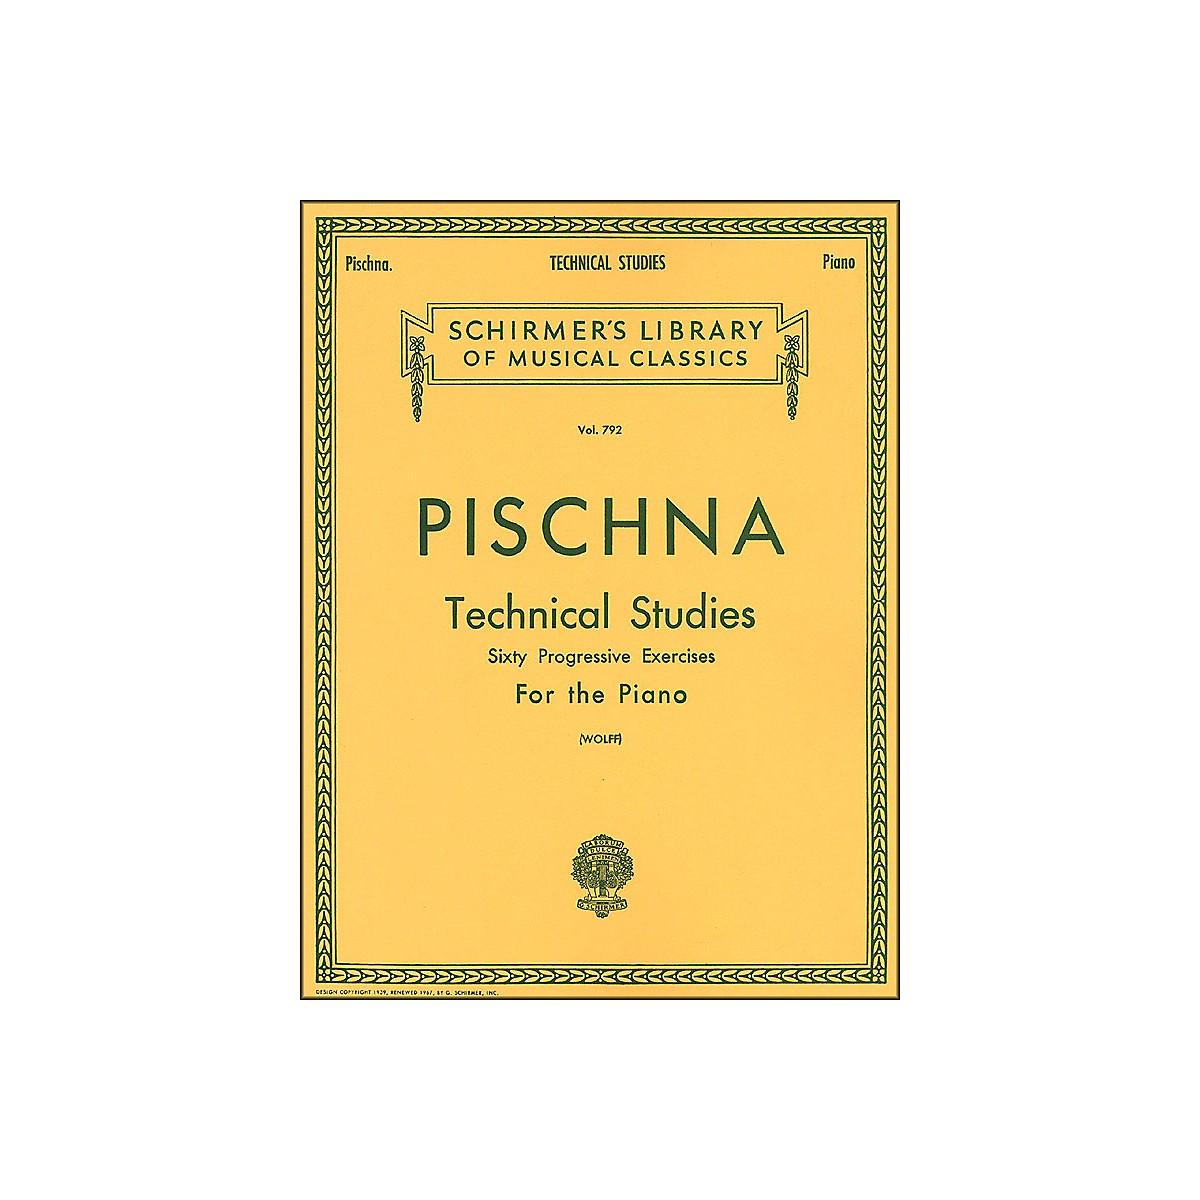 G. Schirmer Technical Studies Piano 60 Progressive Exercises By Pischna